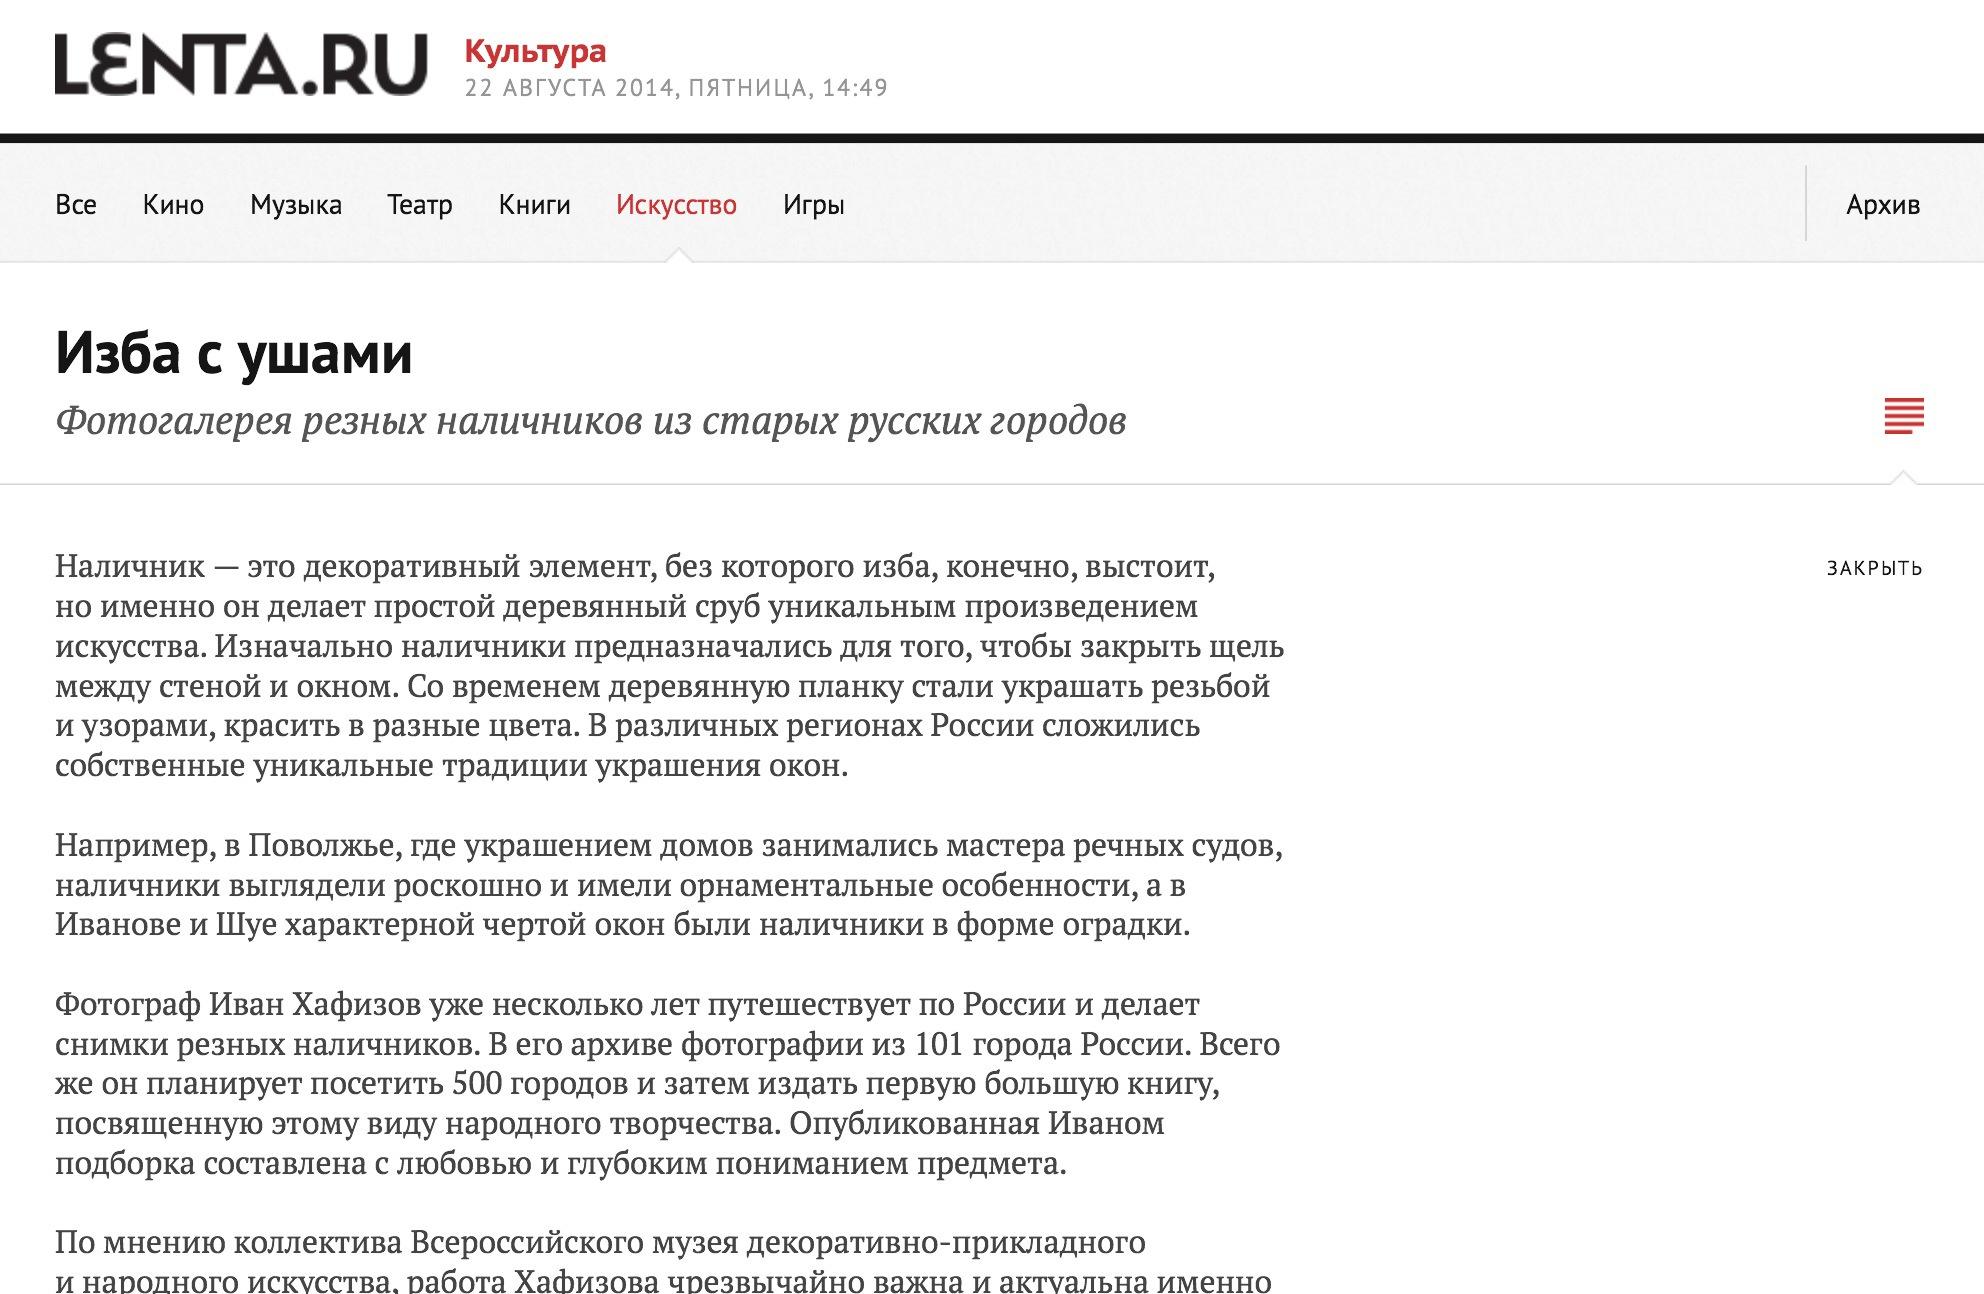 Наличники на Ленте.ру